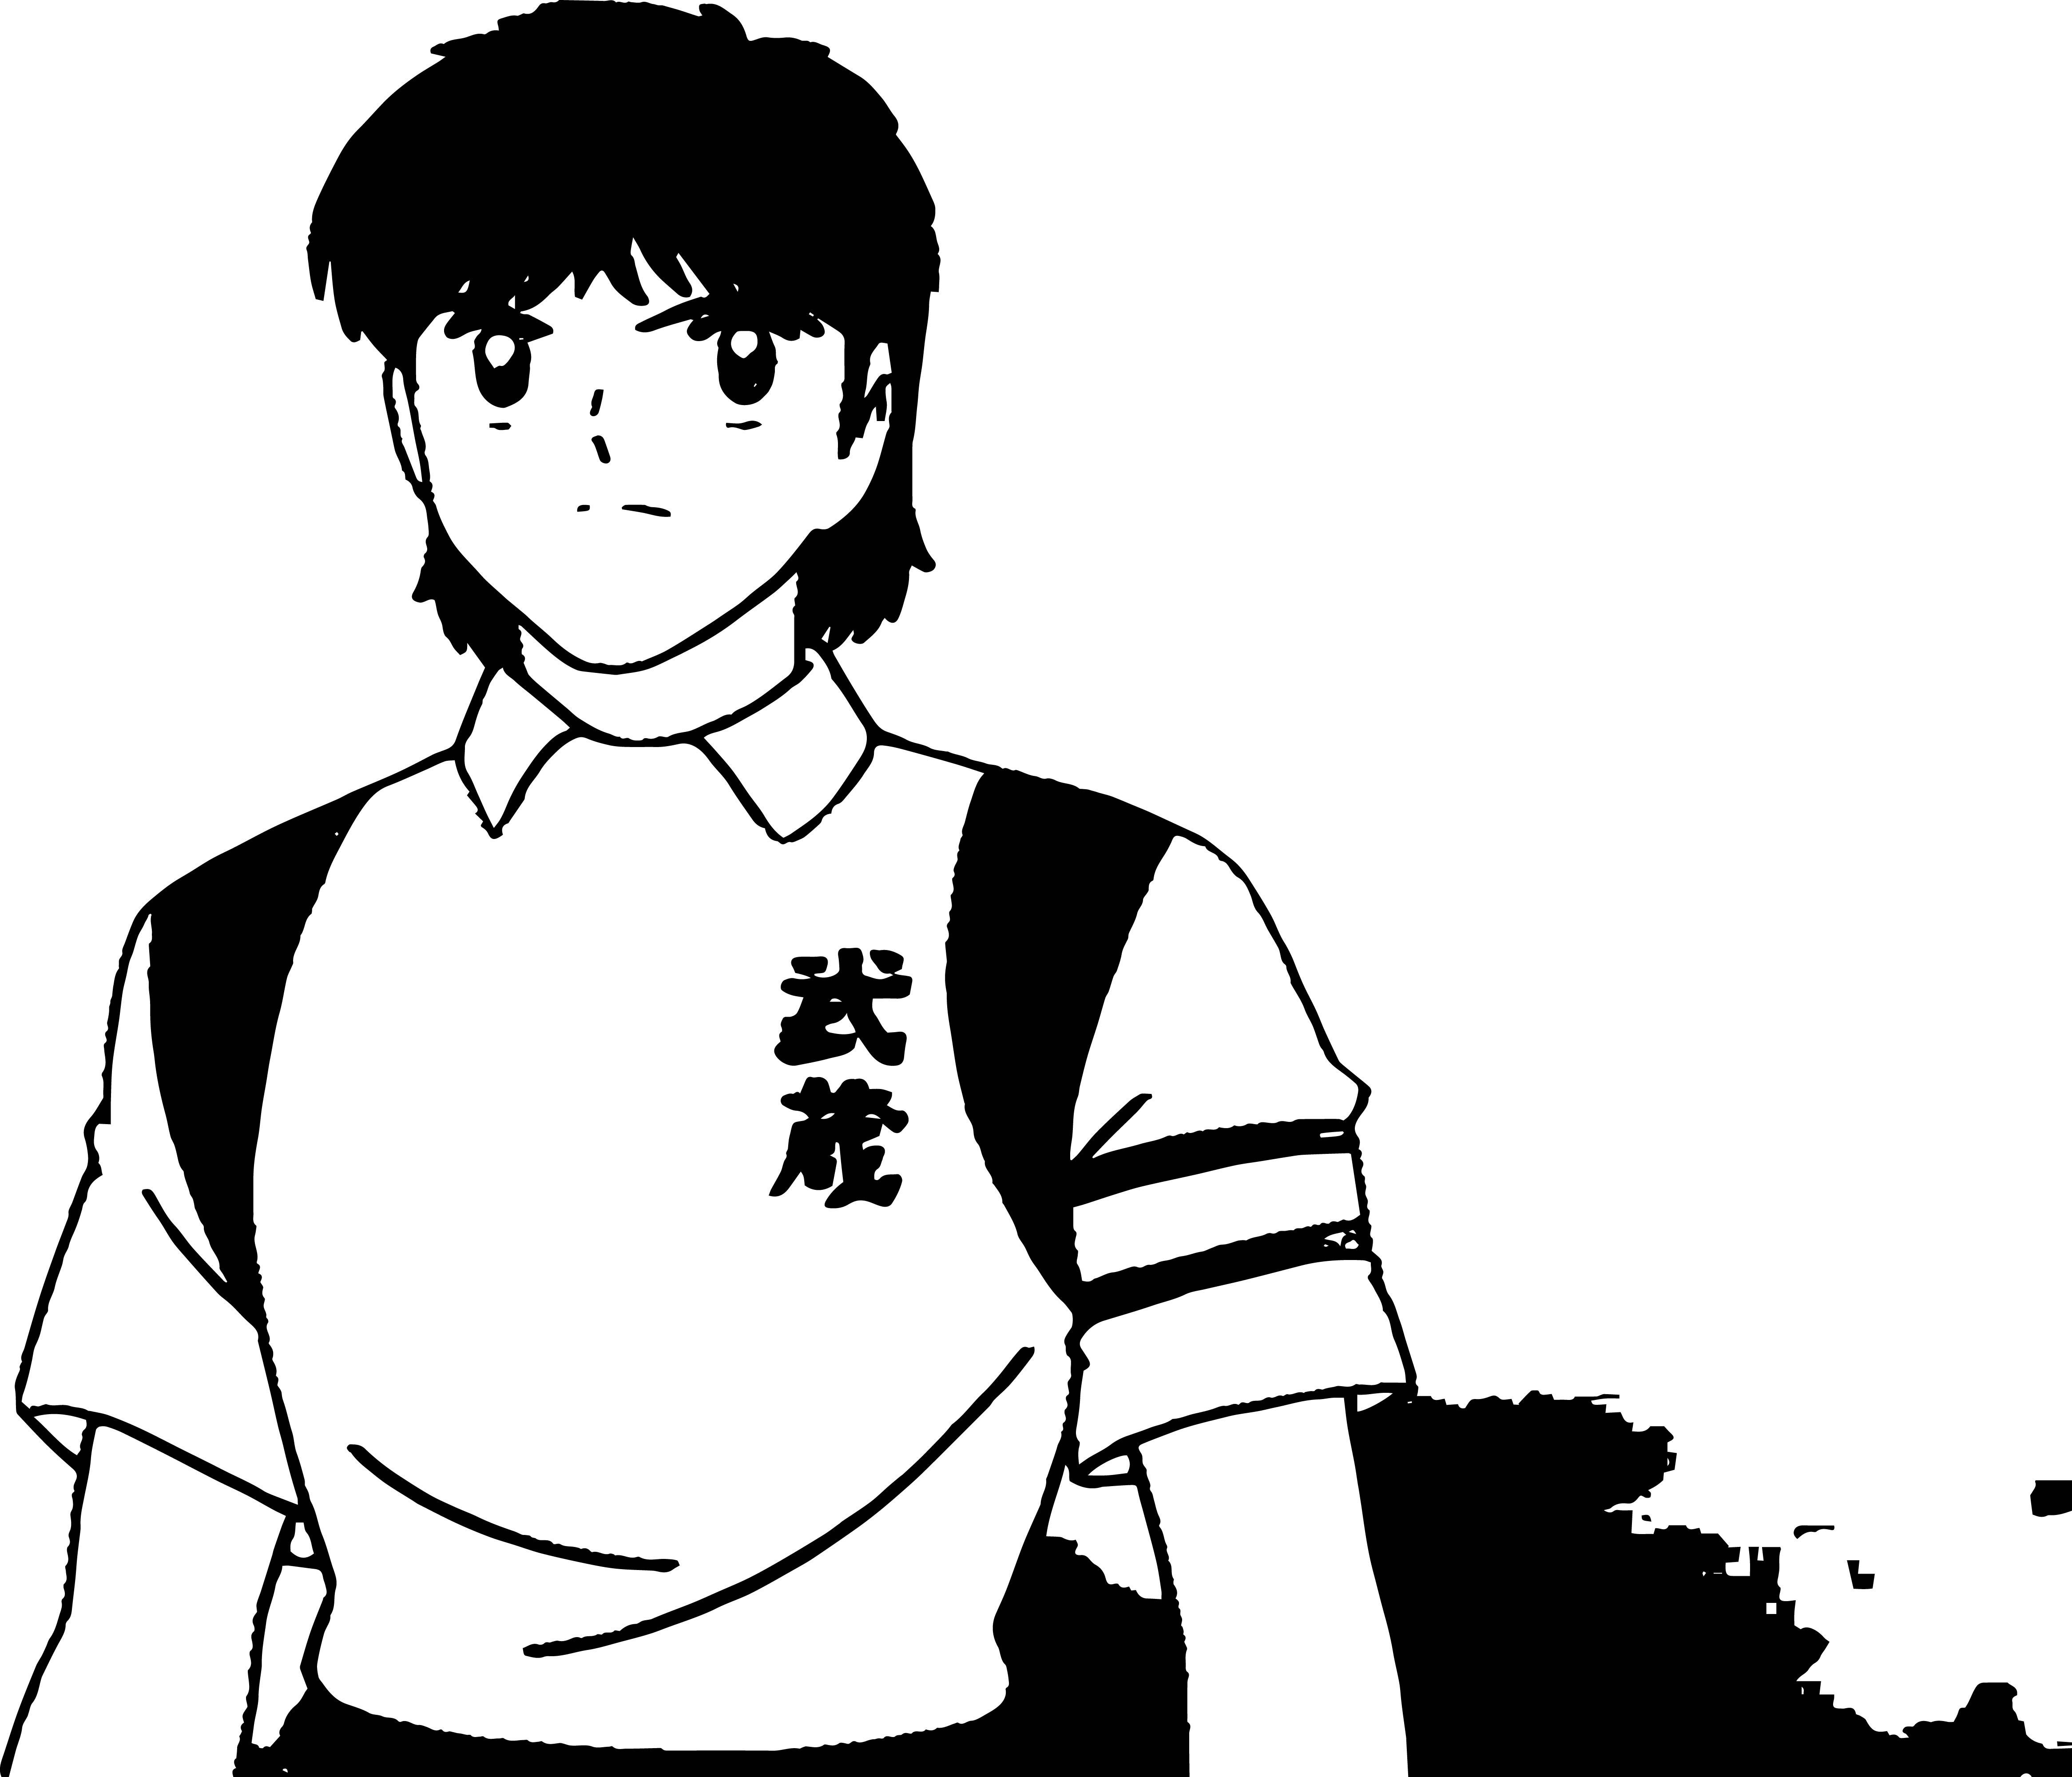 Captain Tsubasa Coloring Page 02